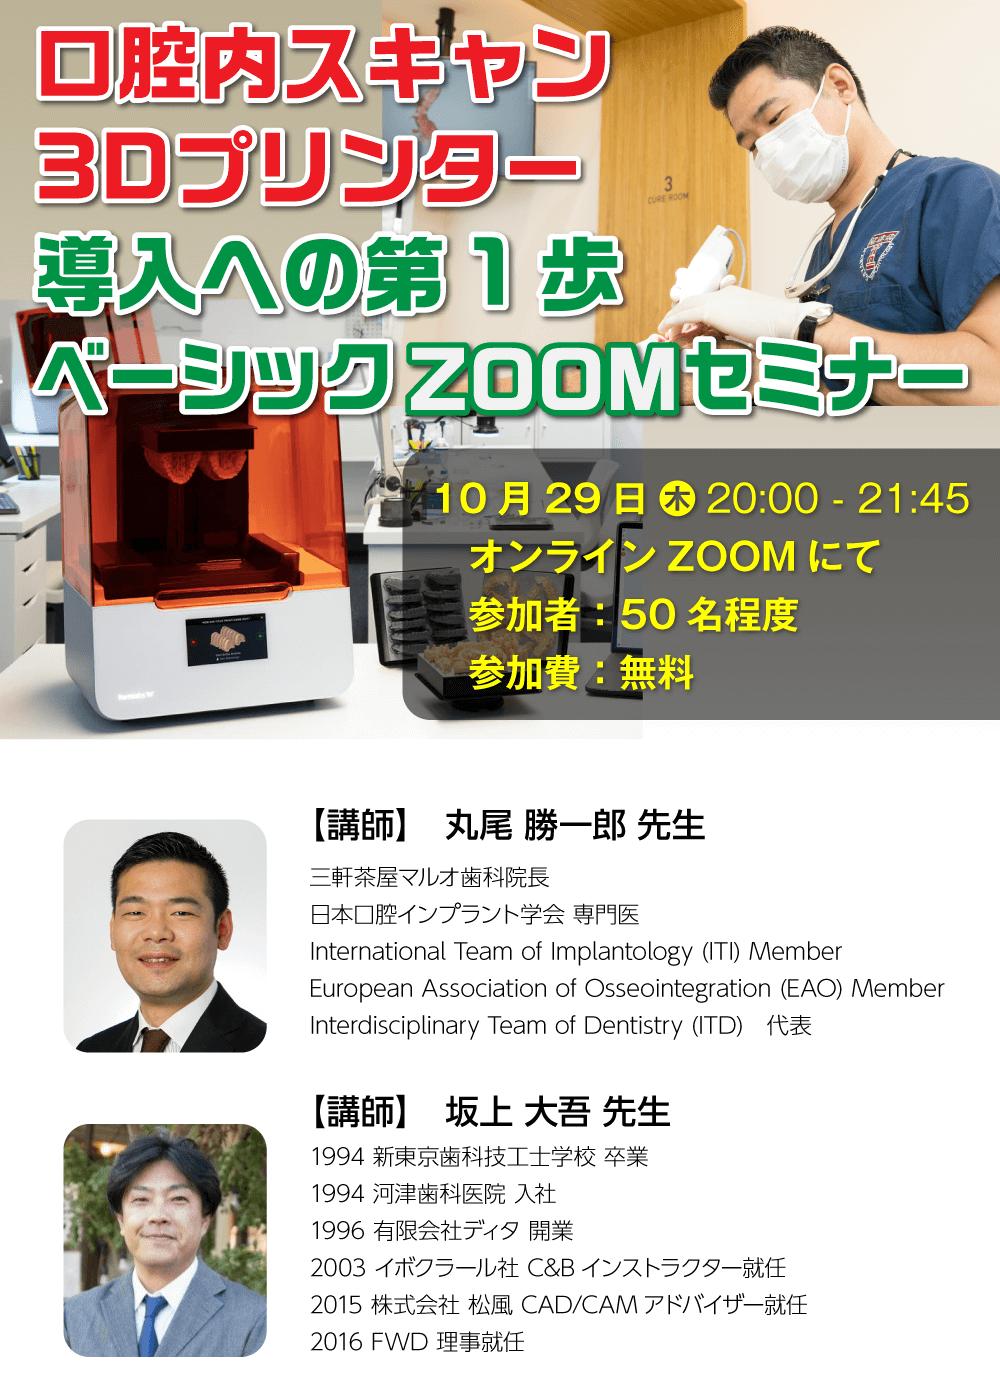 口腔内スキャン,3Dプリンター導入への第1歩ベーシックZOOMセミナー 丸尾勝一郎先生